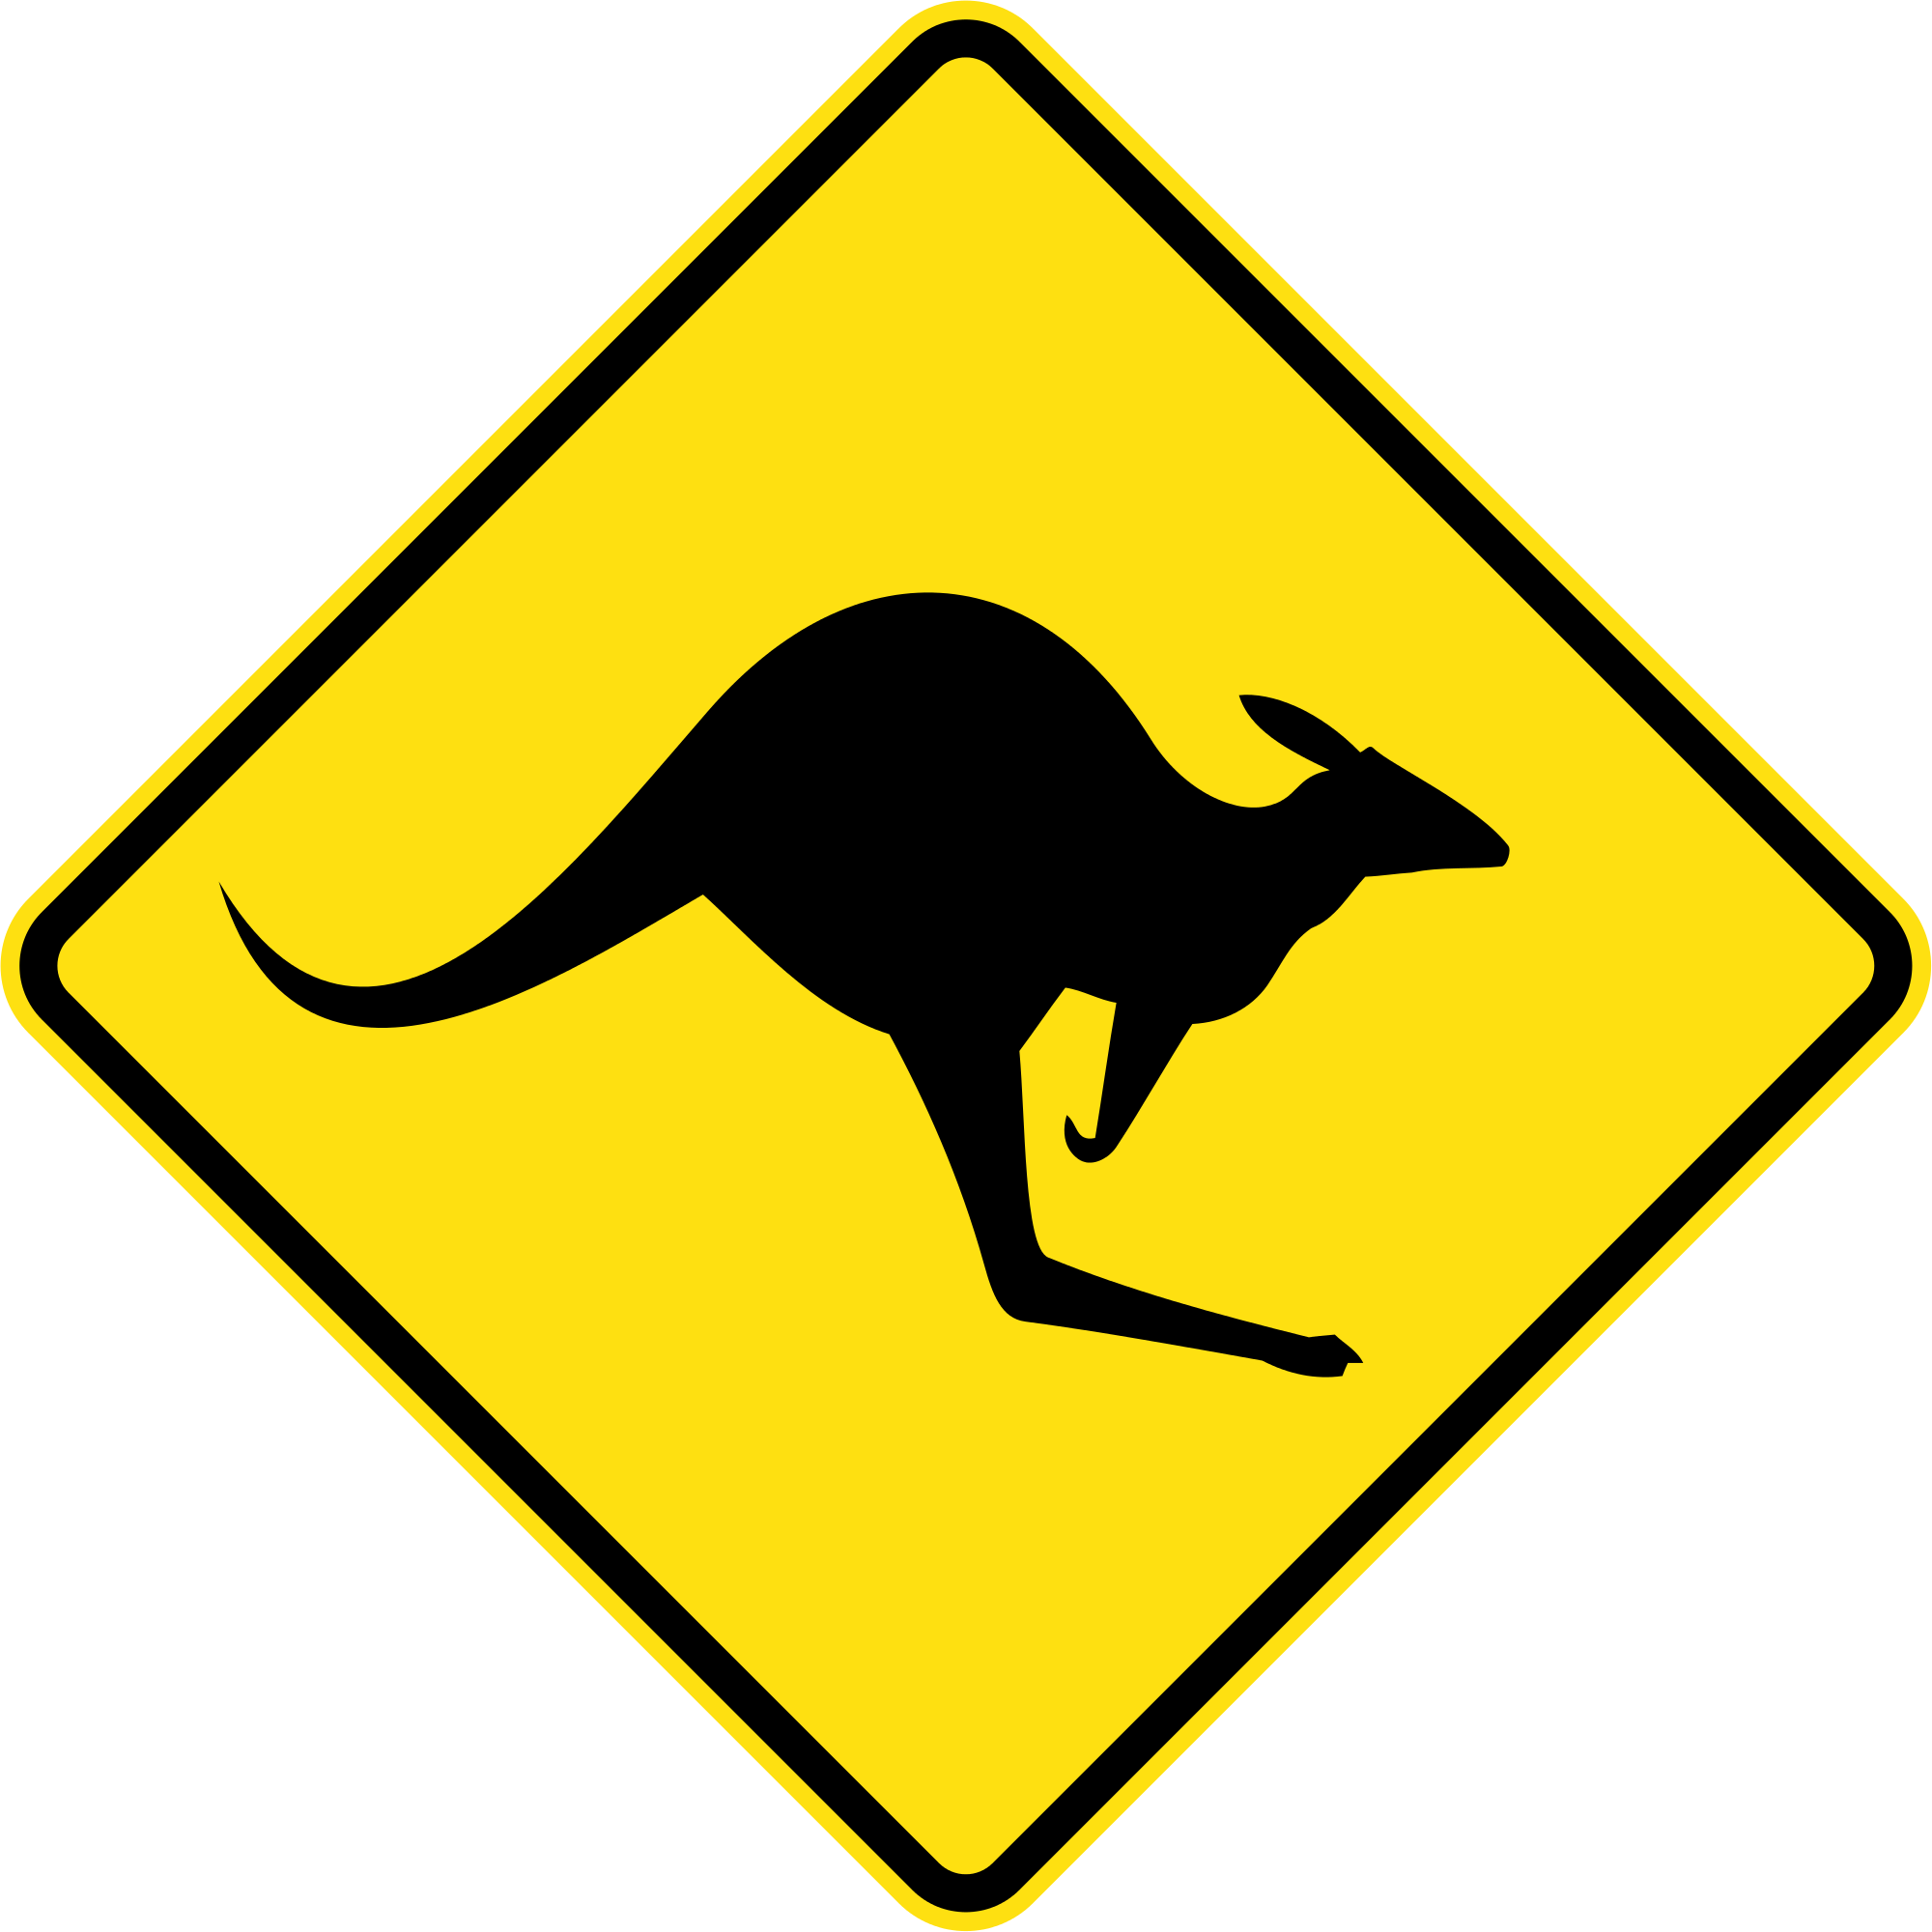 New SVG image - Kangaroo PNG